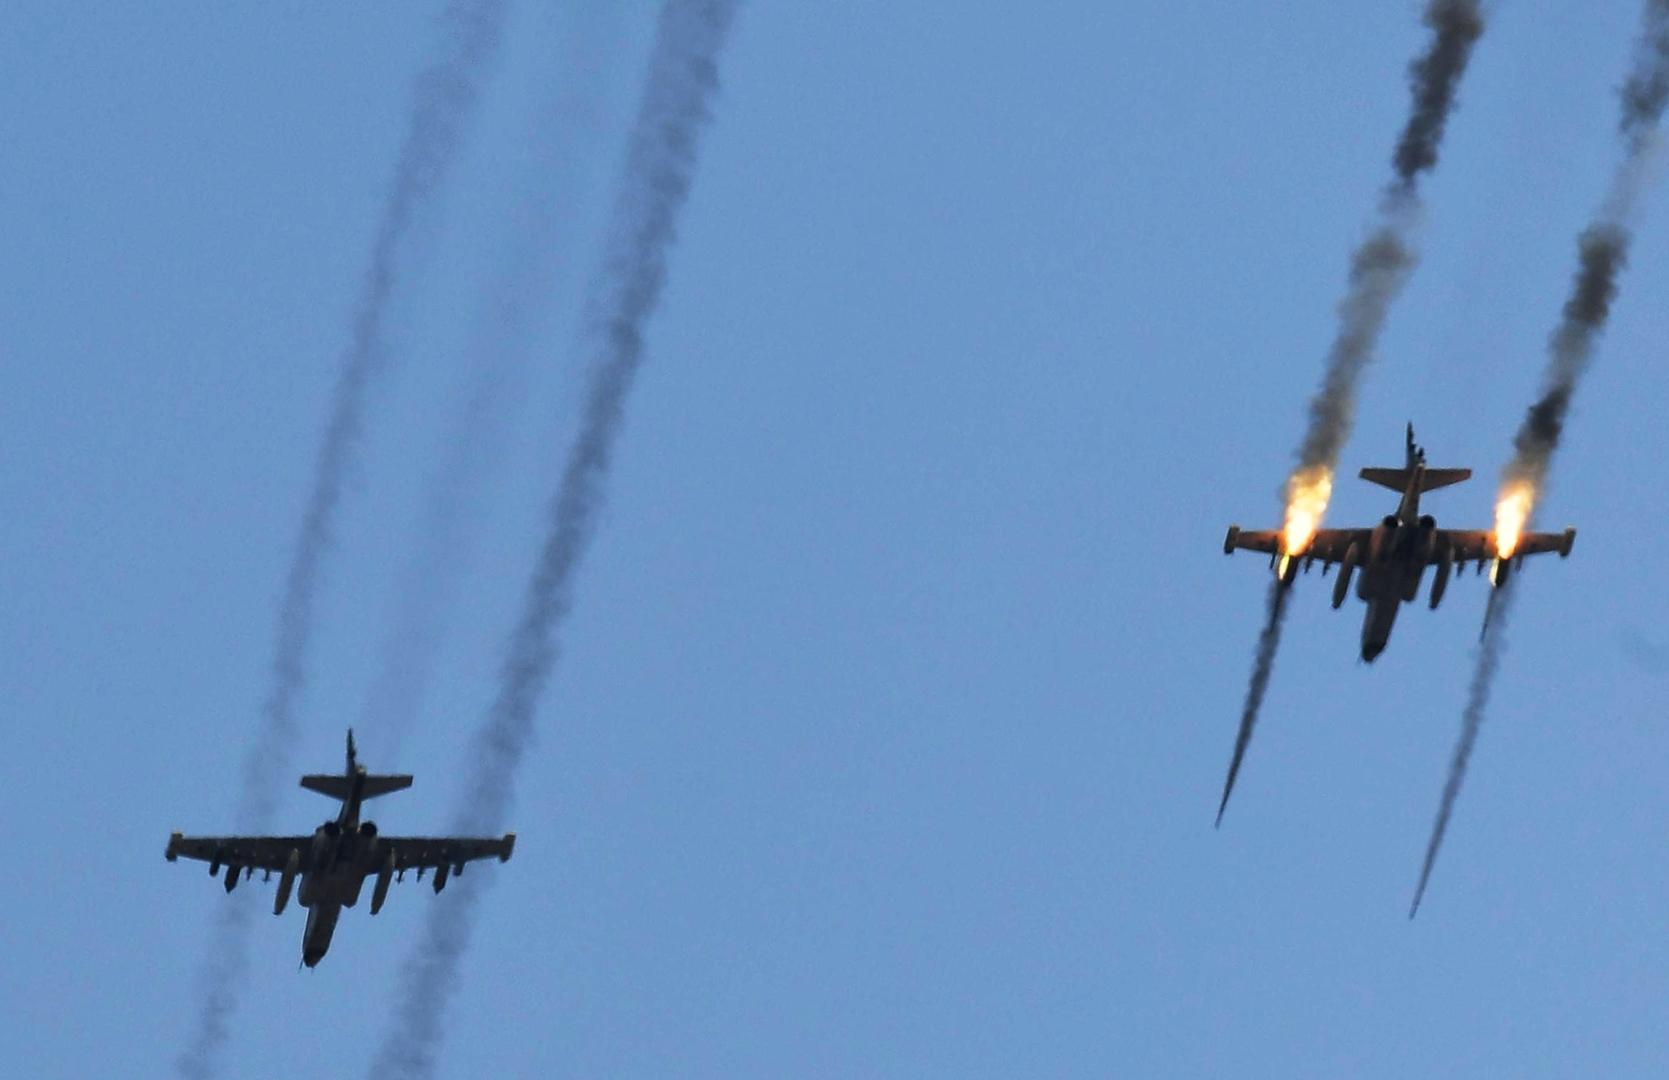 روسيا.. نقل أكثر من 50 طائرة حربية إلى القرم ومقاطعة أستراخان في إطار التدريبات